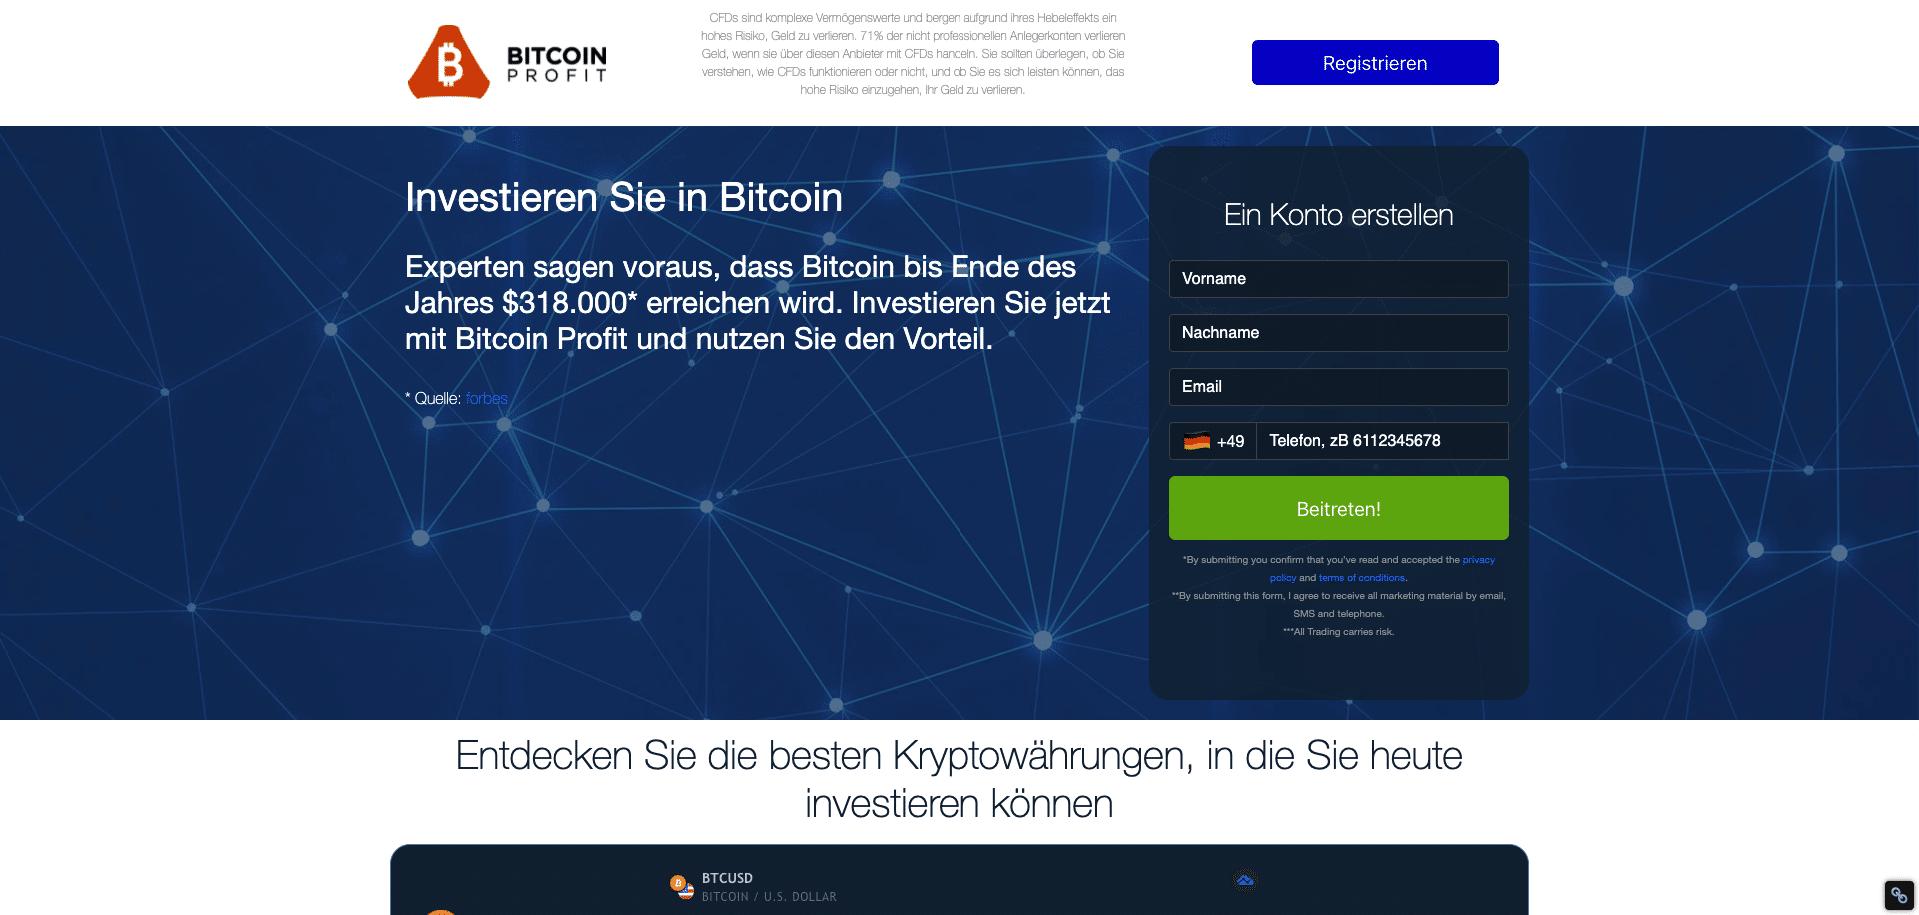 Bitcoin Profit